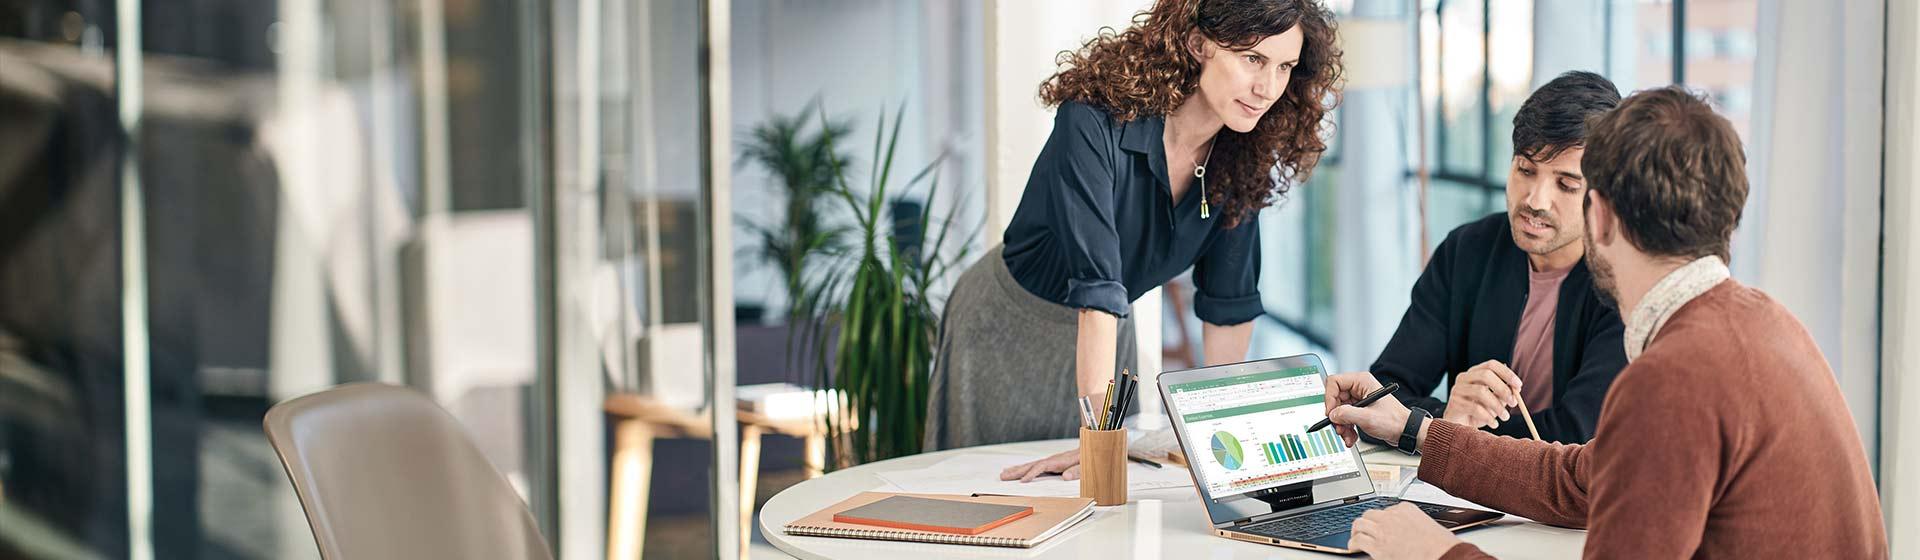 Office 365: Informationen über Business-Tools für Unterneh